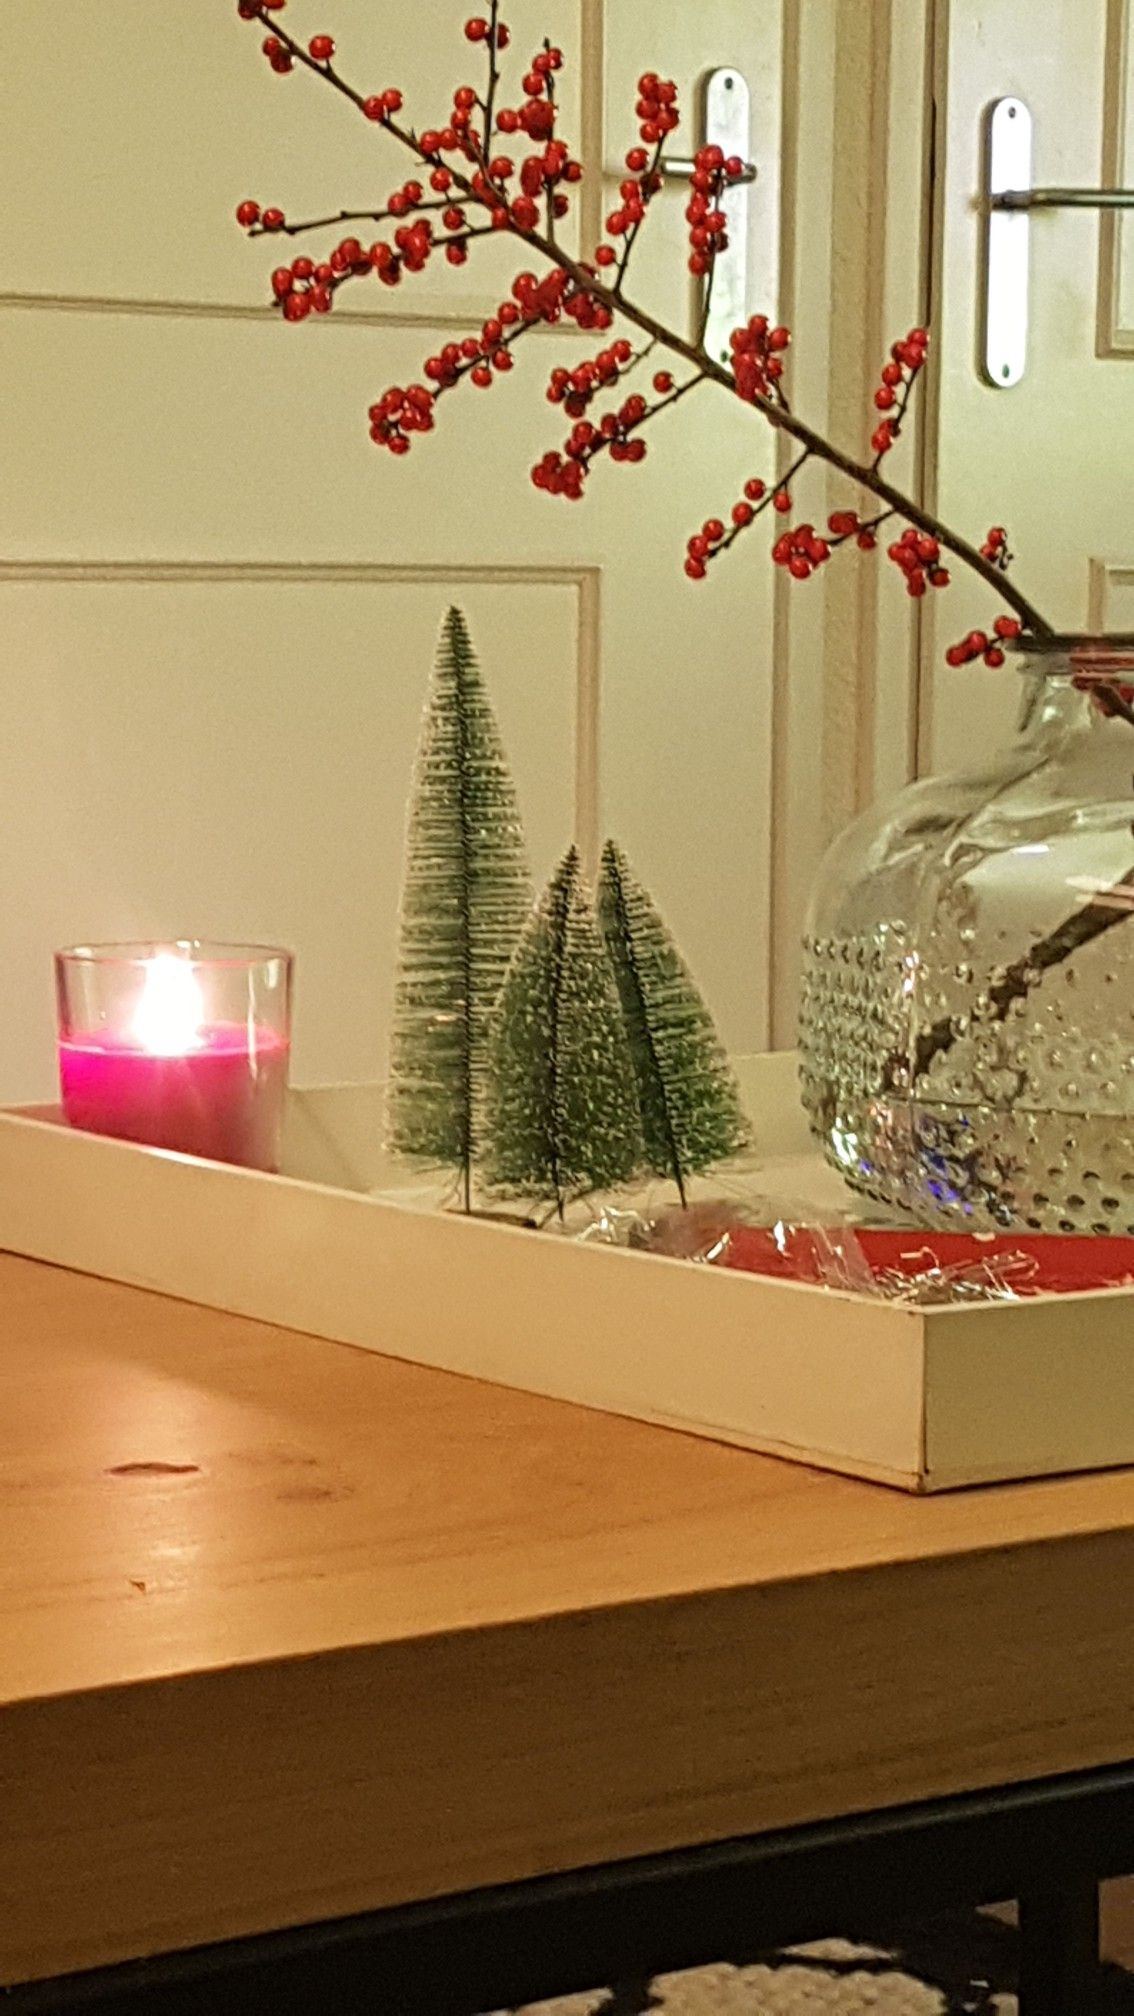 Pin by Gerdie Coolbergen on kerst | Pinterest